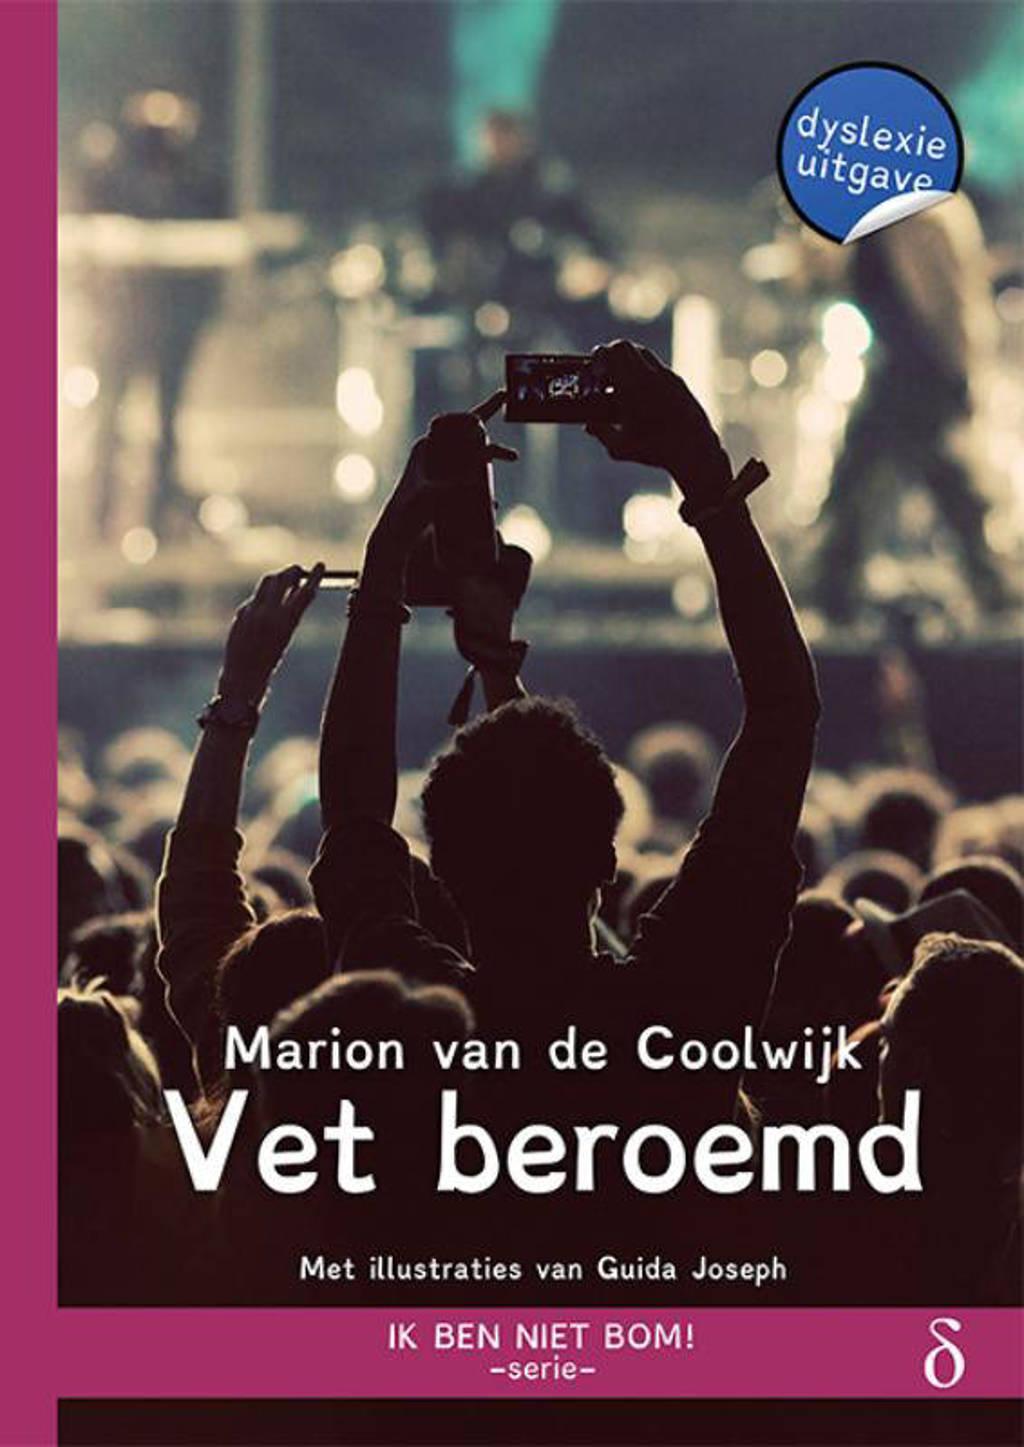 Ik ben niet bom!: Vet beroemd - Marion van de Coolwijk